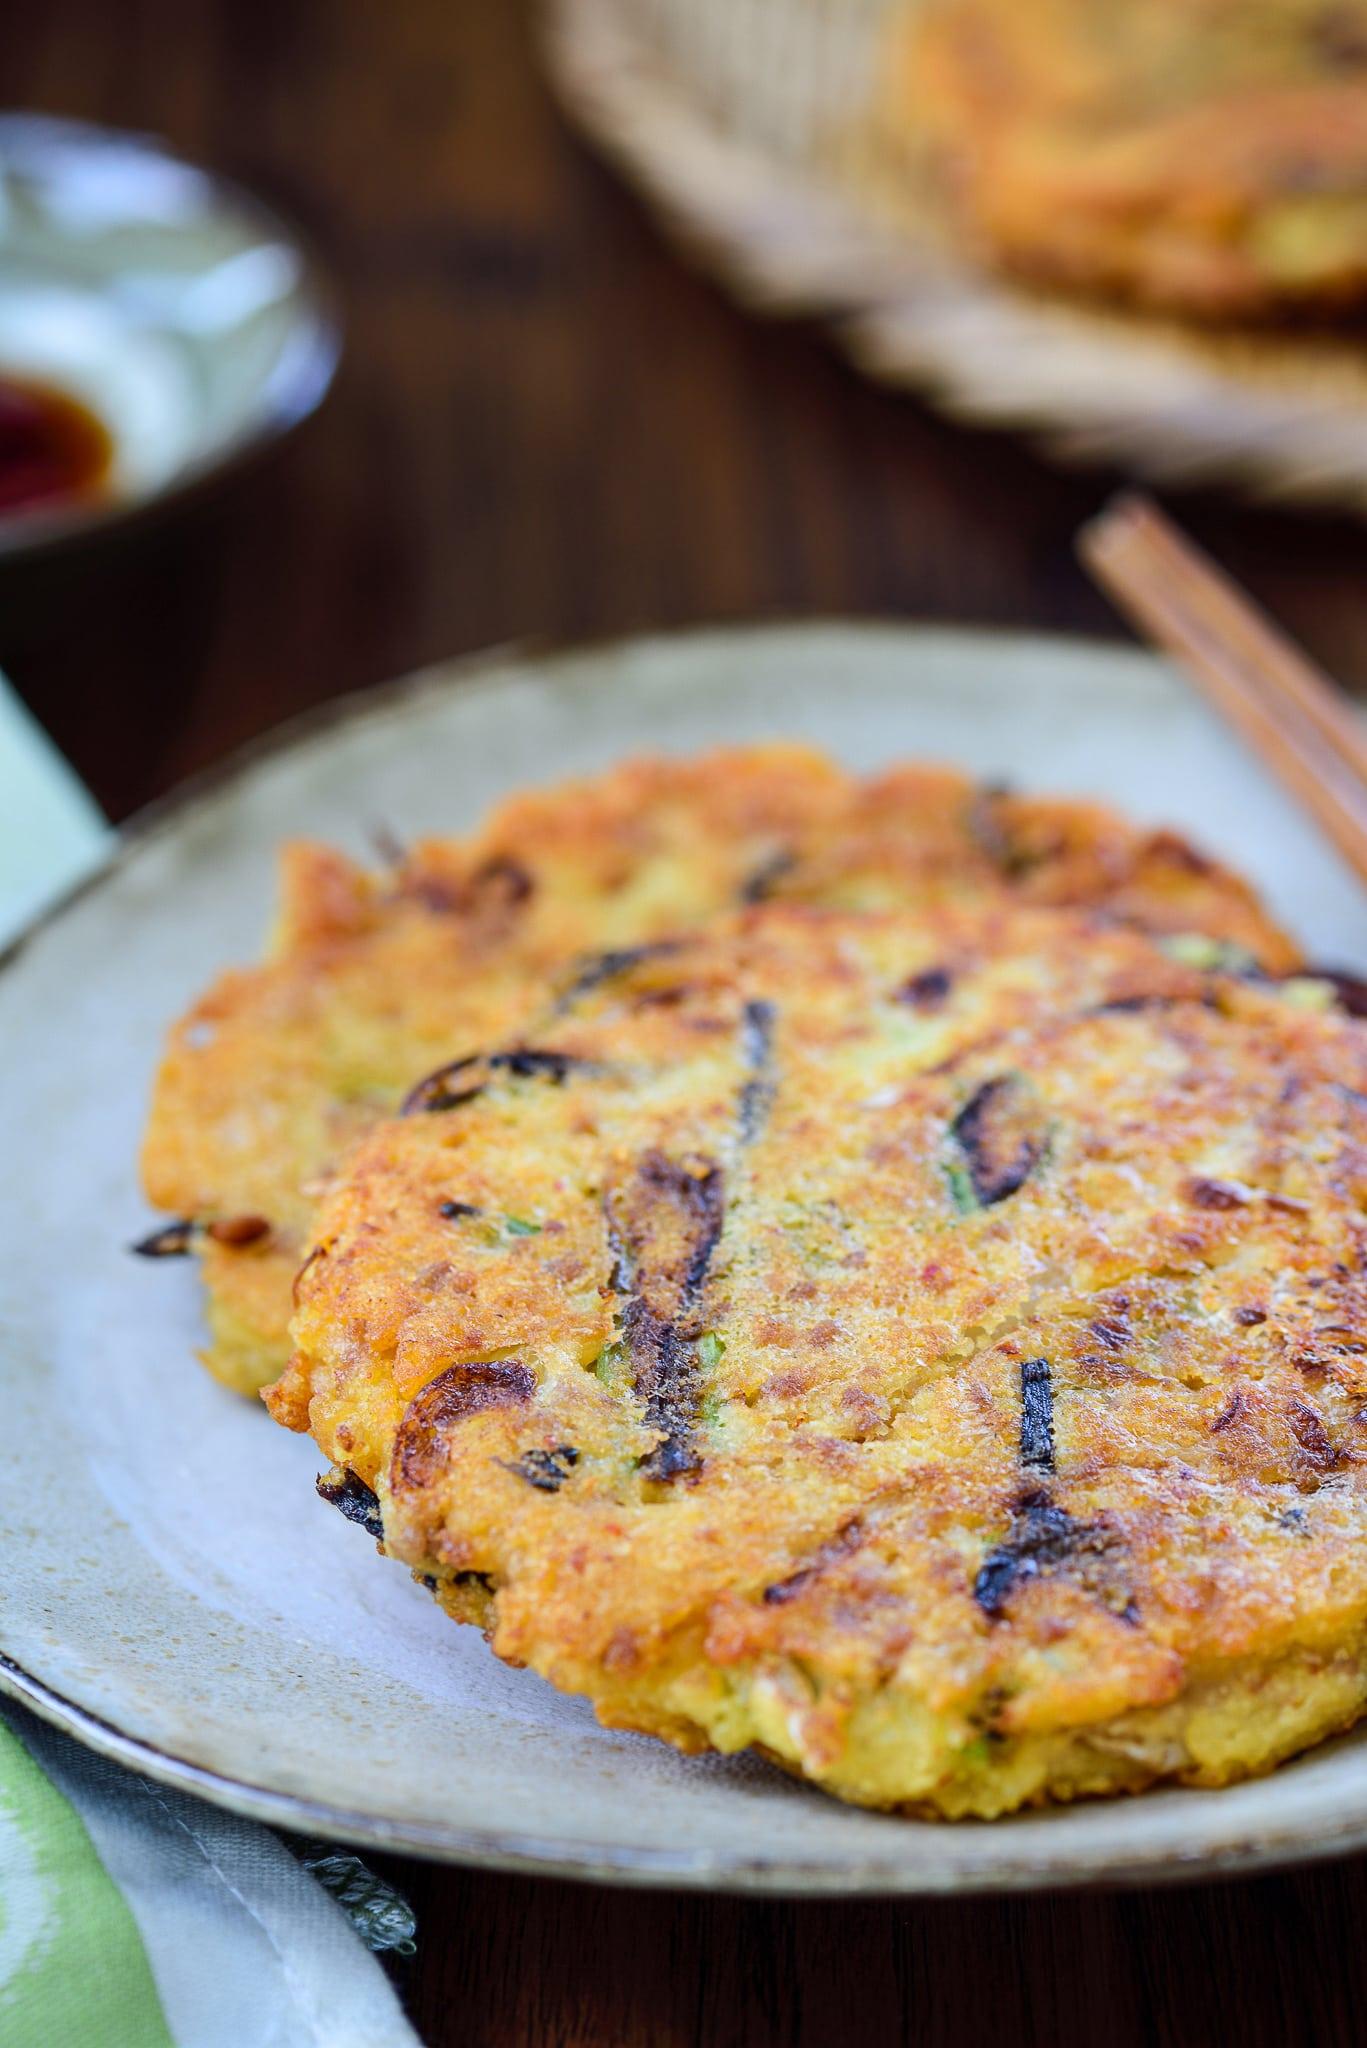 DSC8023 1 - Nokdujeon (Mung Bean Pancakes)